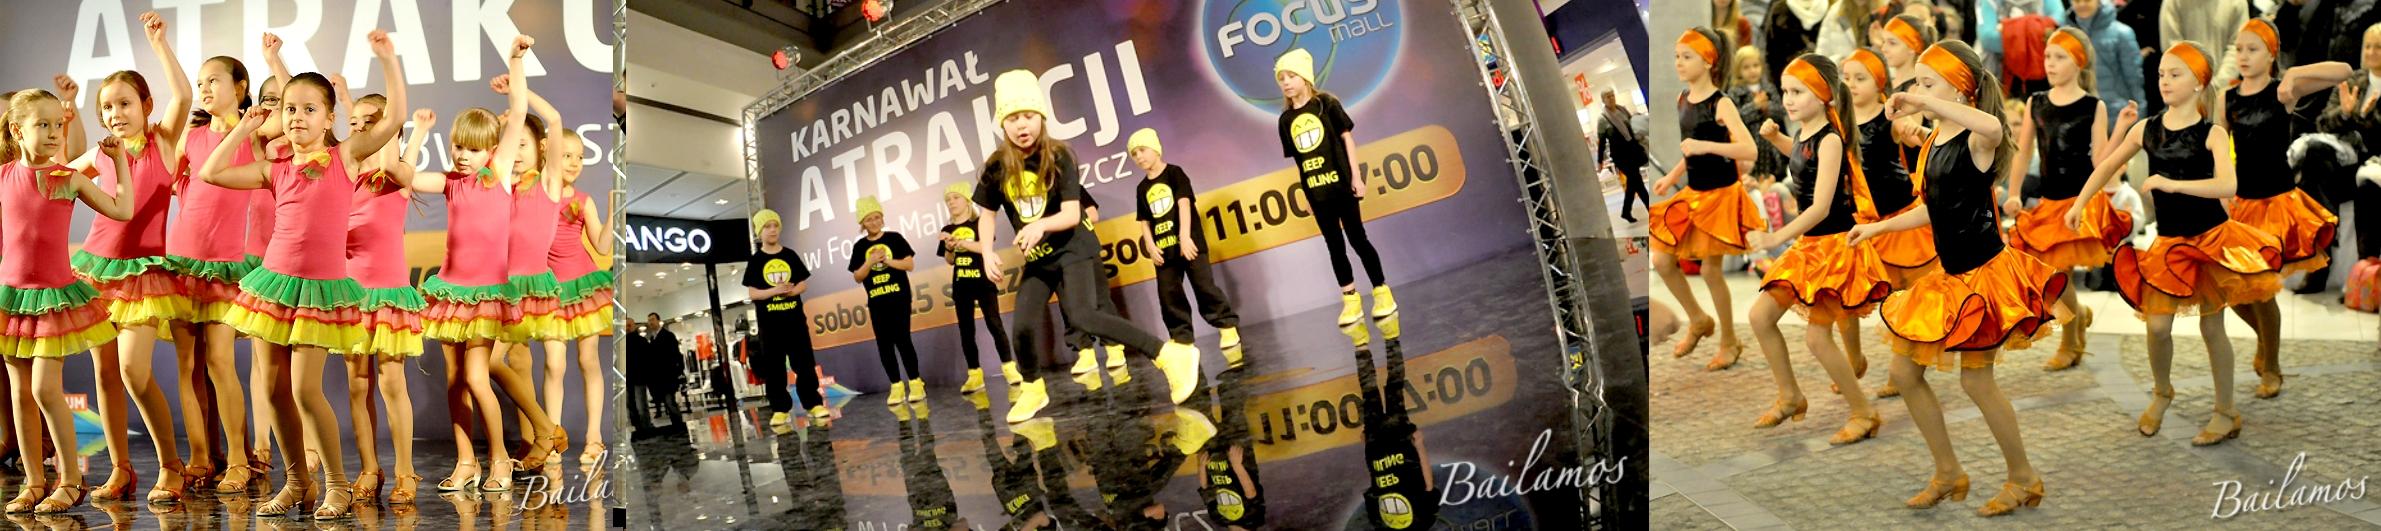 Karnawał Atrakcji Focus Bydgoszcz